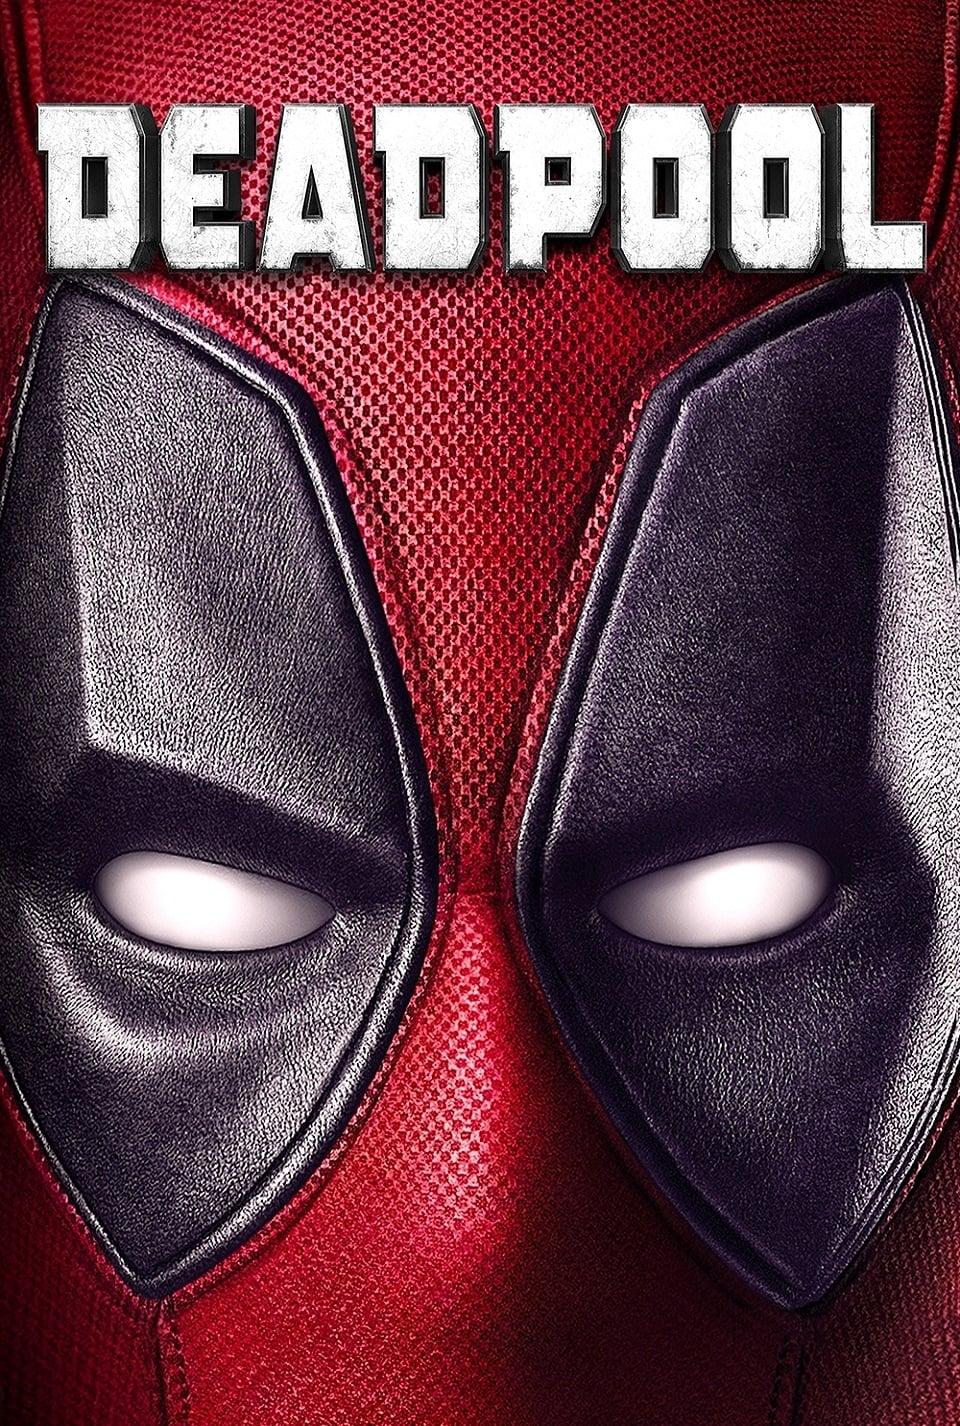 Image Deadpool